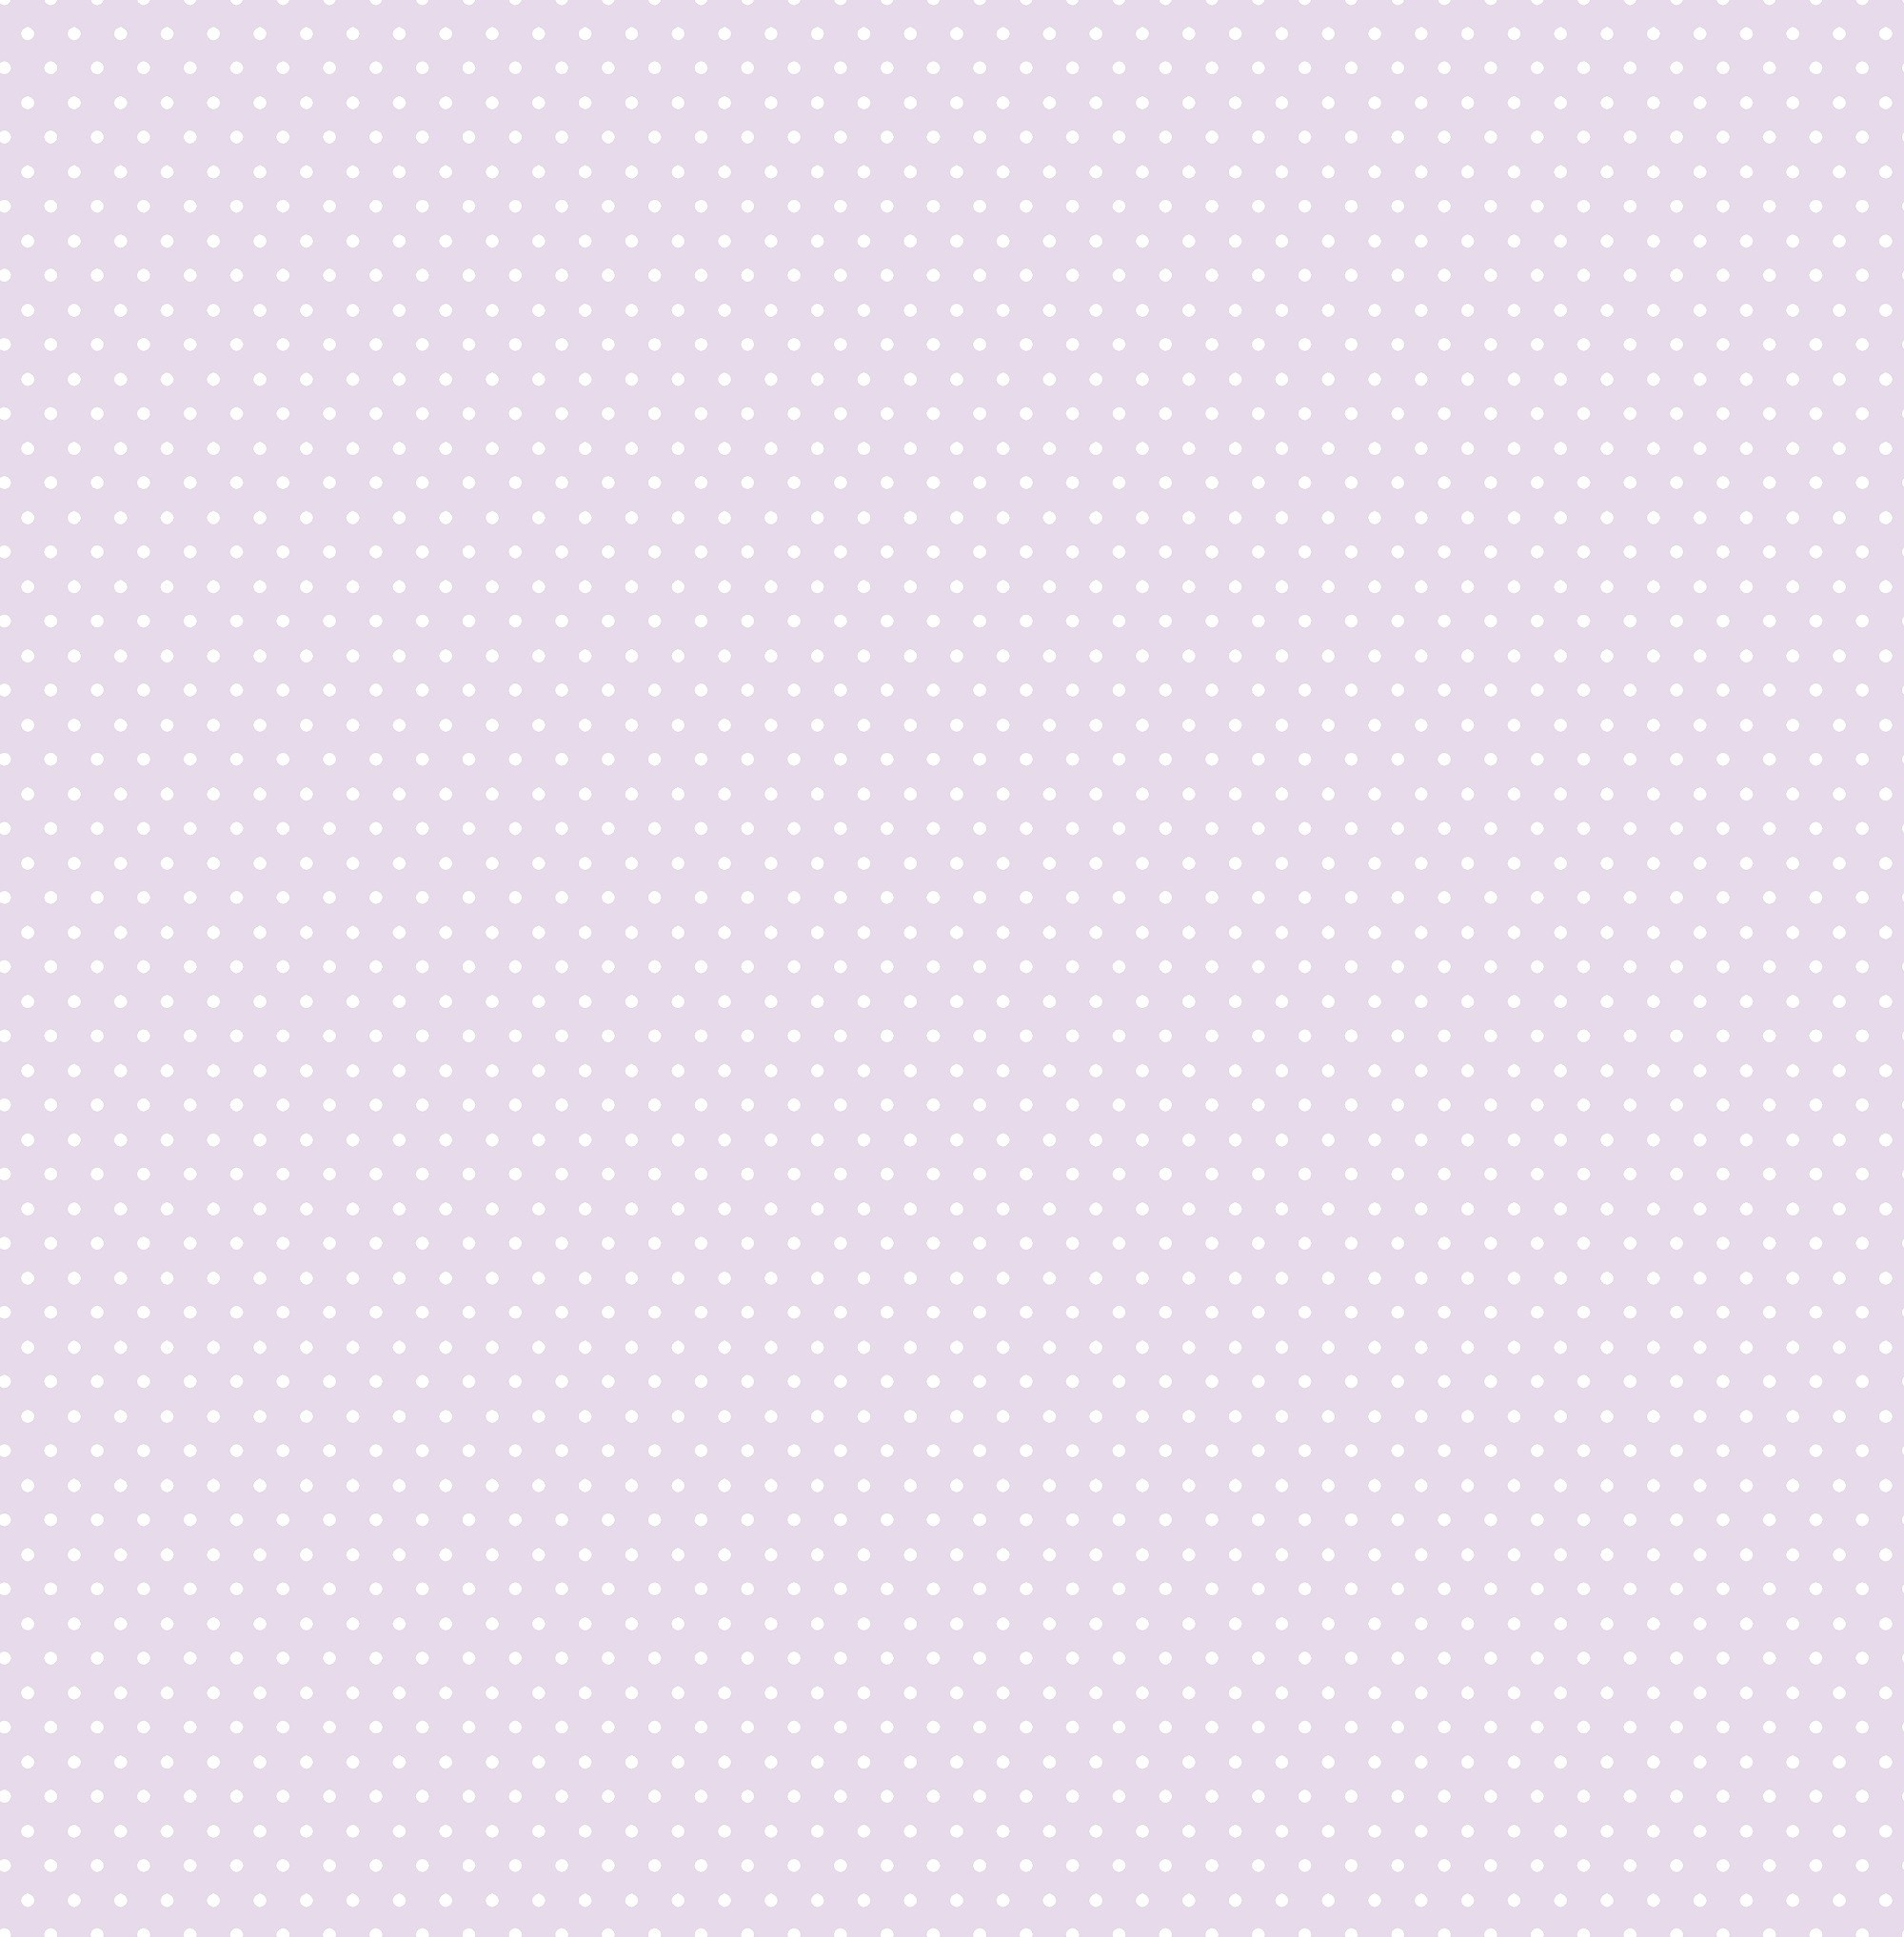 Wallquest Polka Dot